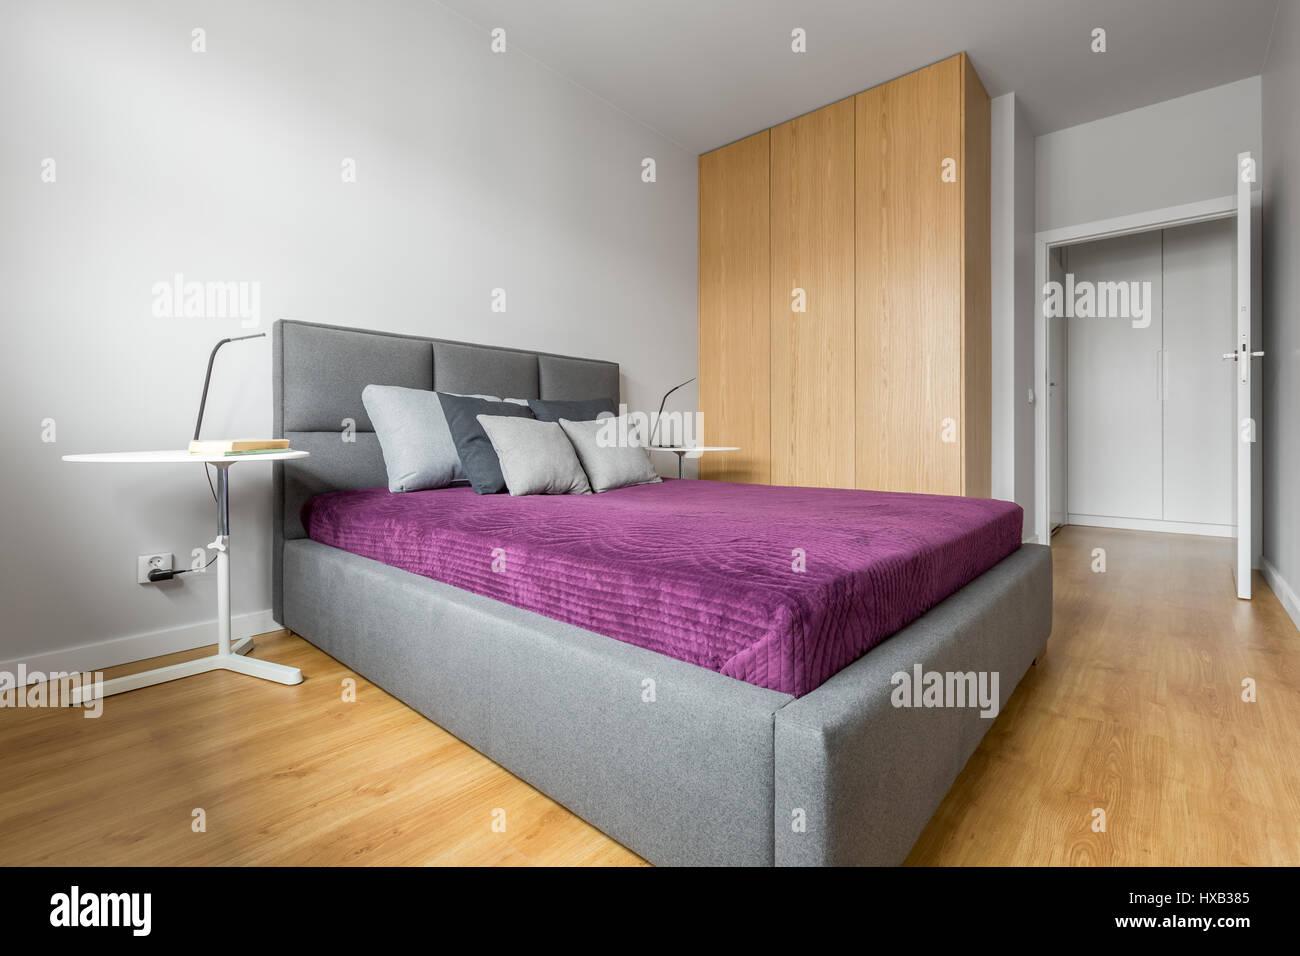 Camere Da Letto Design Minimalista : Camera da letto progettato in stile minimalista con grande letto